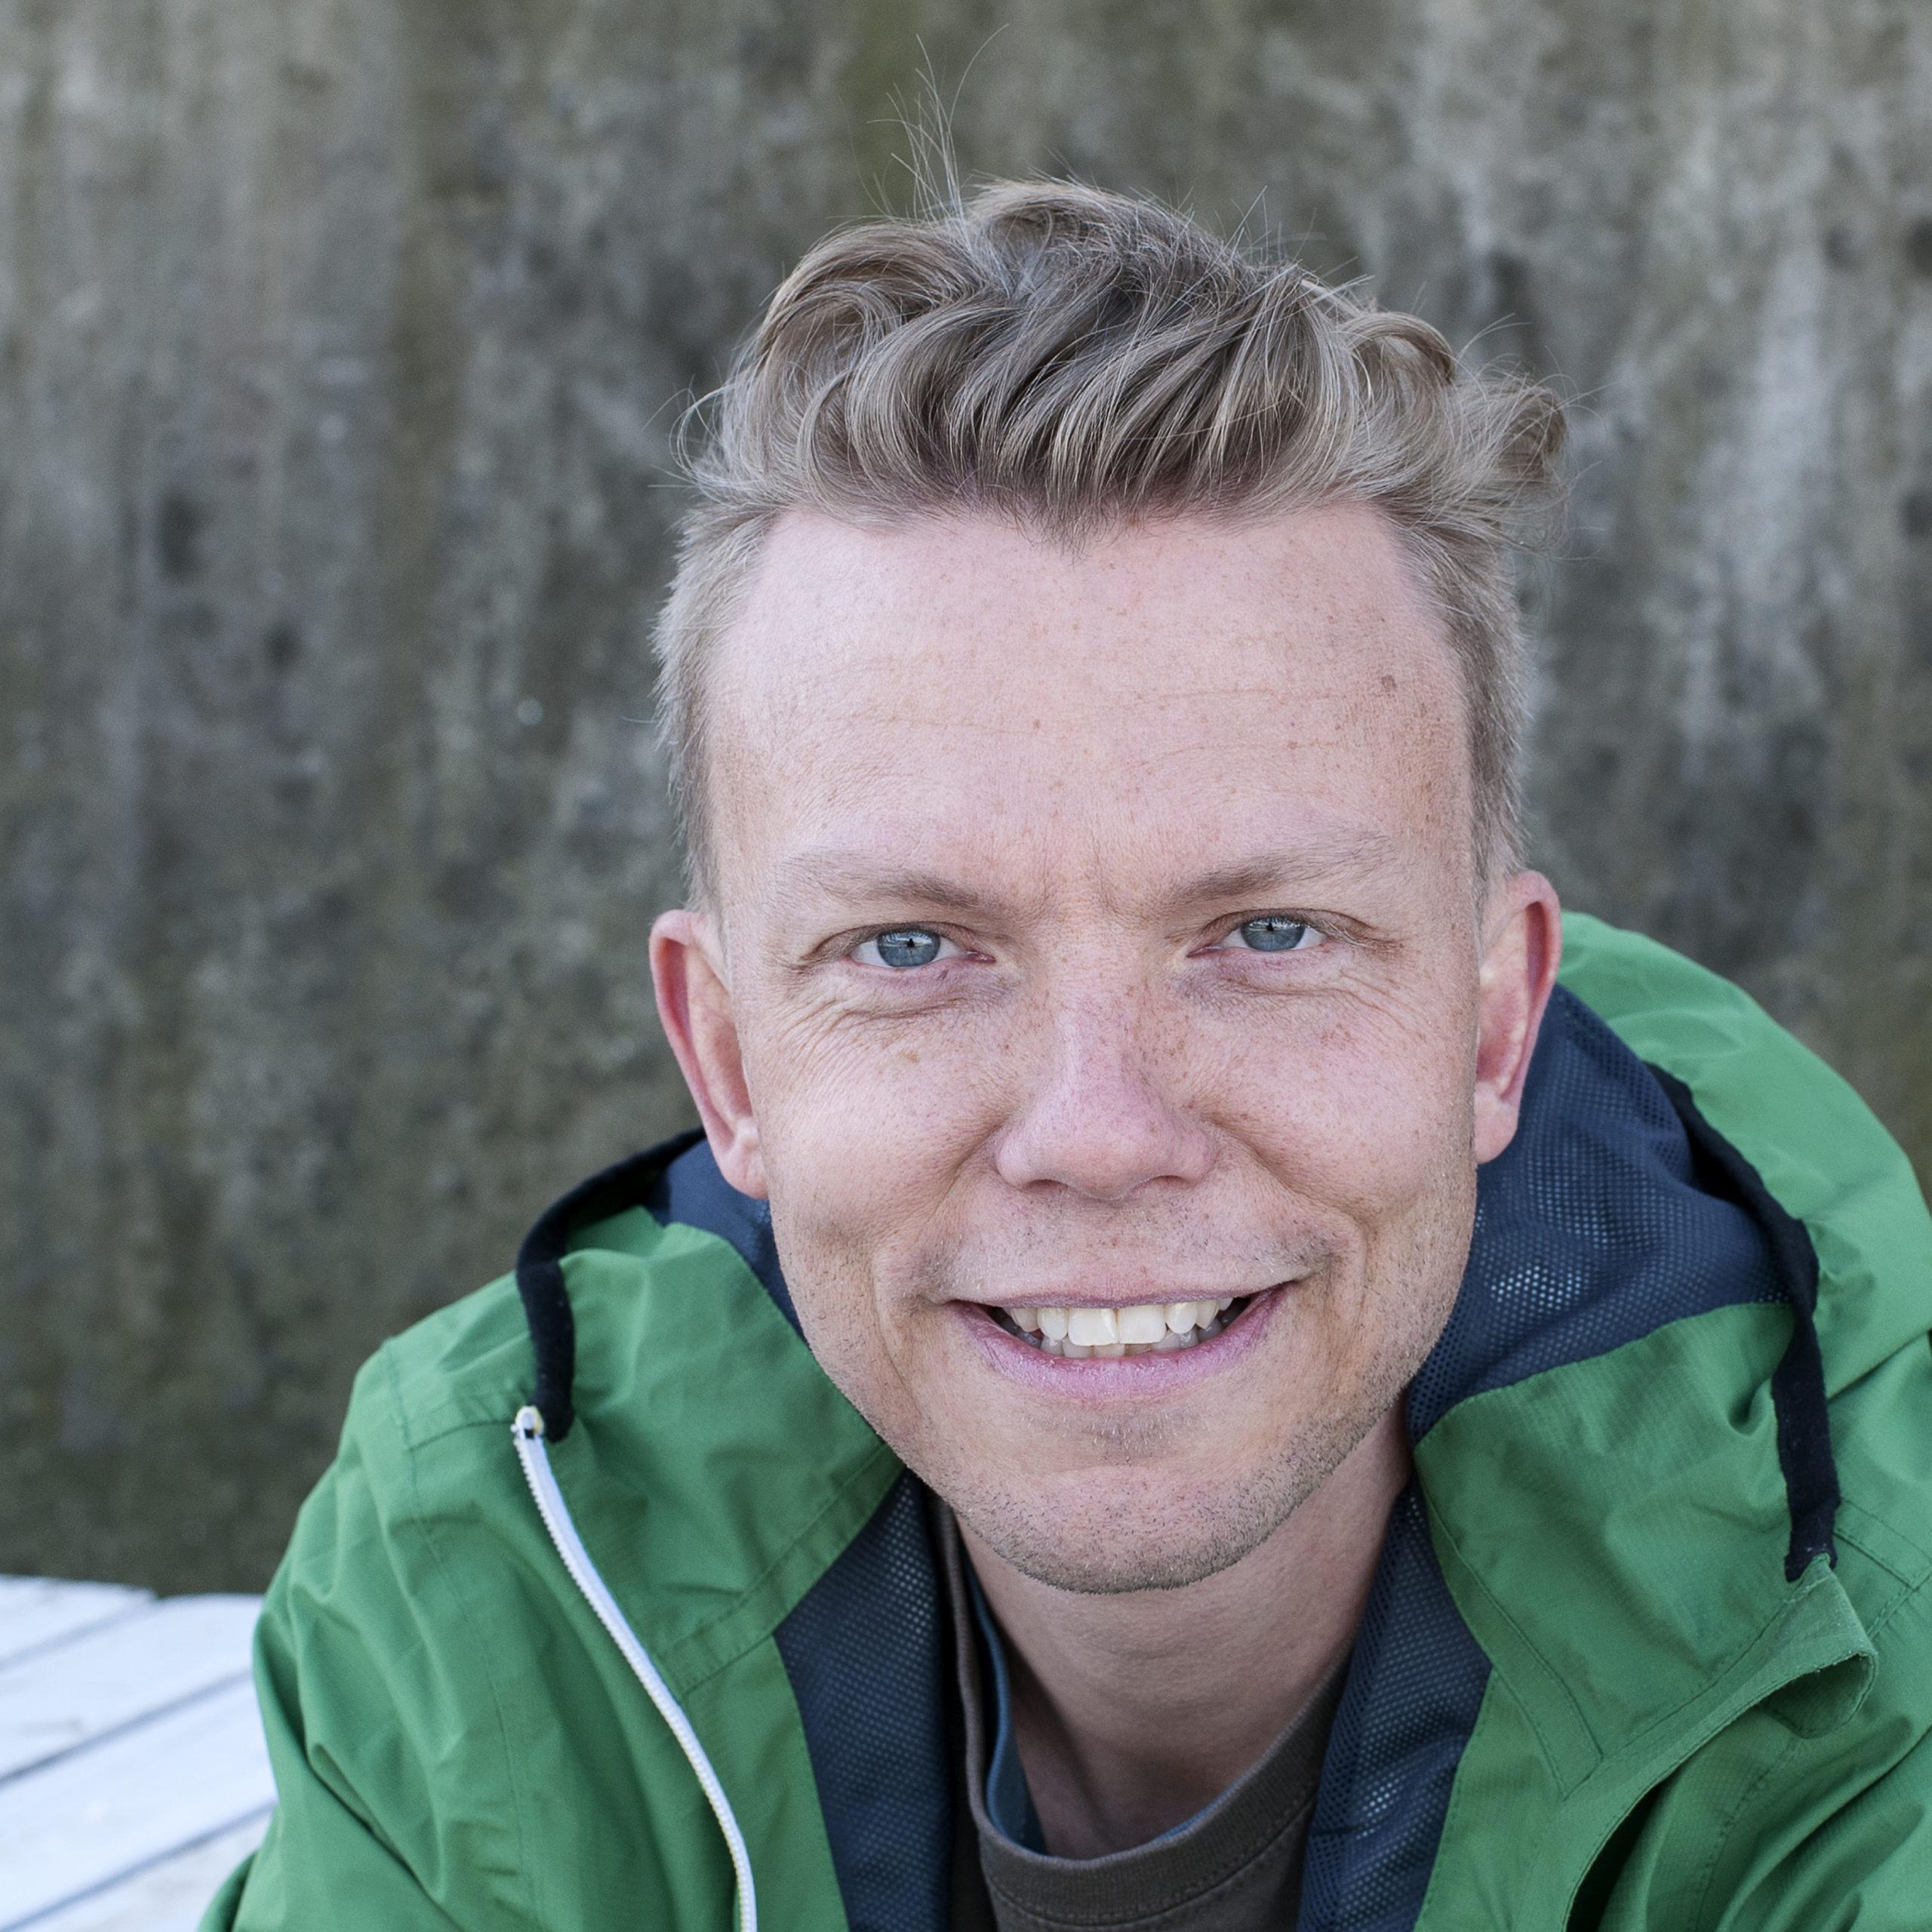 Jan Wolk